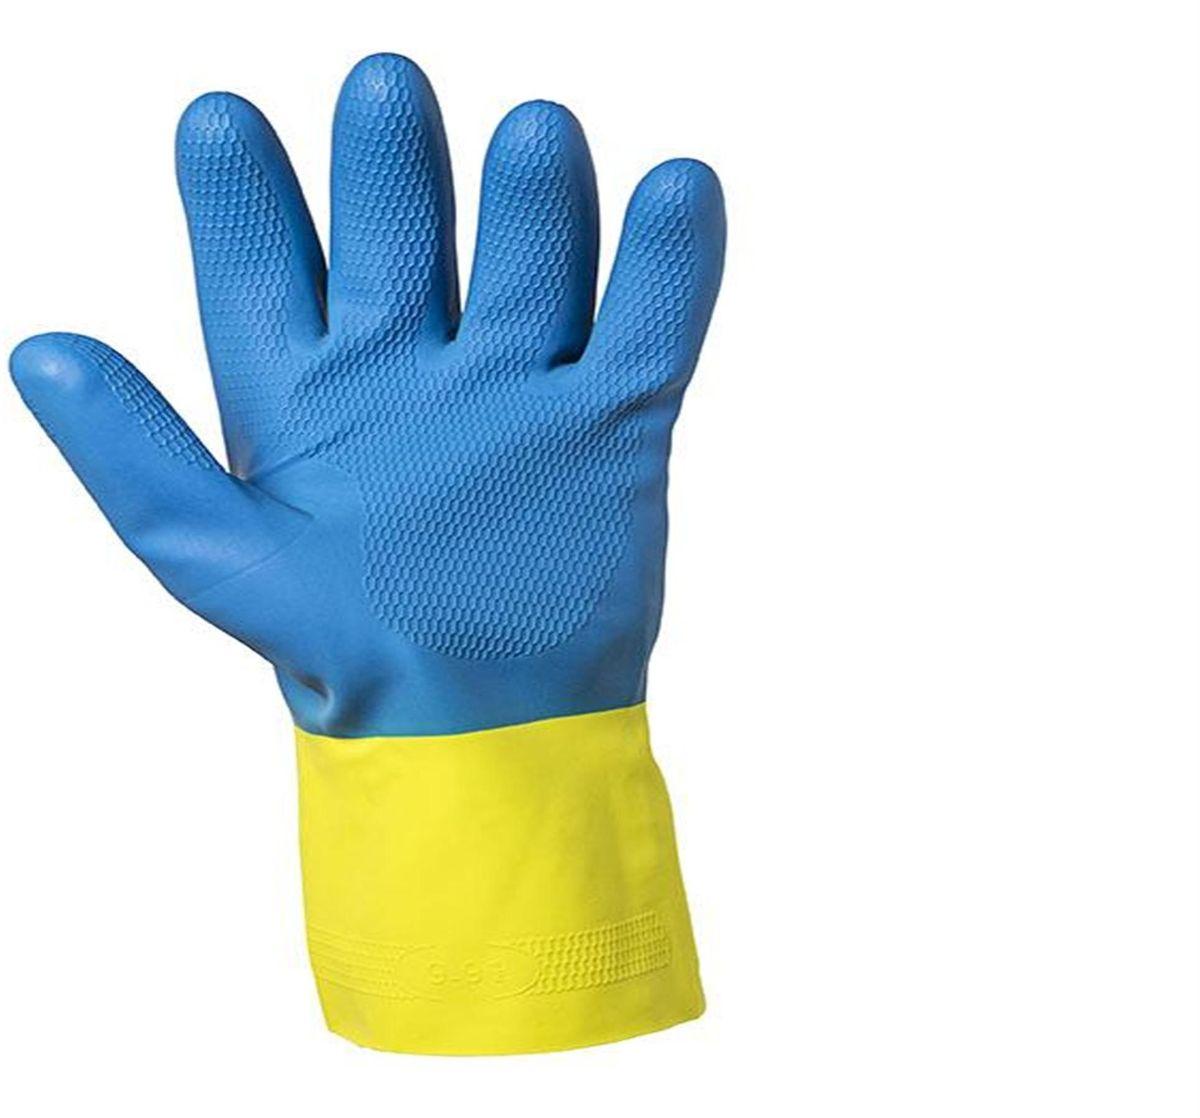 Перчатки хозяйственные Jackson Safety G80, цвет: желтый, голубой. Размер 10 (XL). 3874438744Защитные перчатки JACKSON SAFETY® G80 латекс/неопрен для защиты от химических веществ подходят для целого спектра областей применения: обеспечивают надежную защиту от воздействия химических веществ. Относятся к СИЗ категории III (CE Complex), а также обеспечивают защиту от механического воздействия в тех областях, где работают с химическими веществами, маслами, густыми смазками, кислотами, каустическими средствами или растворителями. Разрешен контакт с пищевыми продуктами. Поставляются в виде пары перчаток с индивидуальным дизайном для левой и правой руки; толщина 0,70 мм; имеют неопреновое покрытие поверх латекса для обеспечения максимальной защиты, а также для улучшения гибкости материала. Удлиненные манжеты, текстурированный материал в области ладони обеспечивает отличный захват при работе сухими/влажными поверхностями; хлопковое напыление на внутренней стороне перчатки обеспечивает легкость при надевании/снятии перчатки, а также комфорт при длительном использовании. Хлорированы...